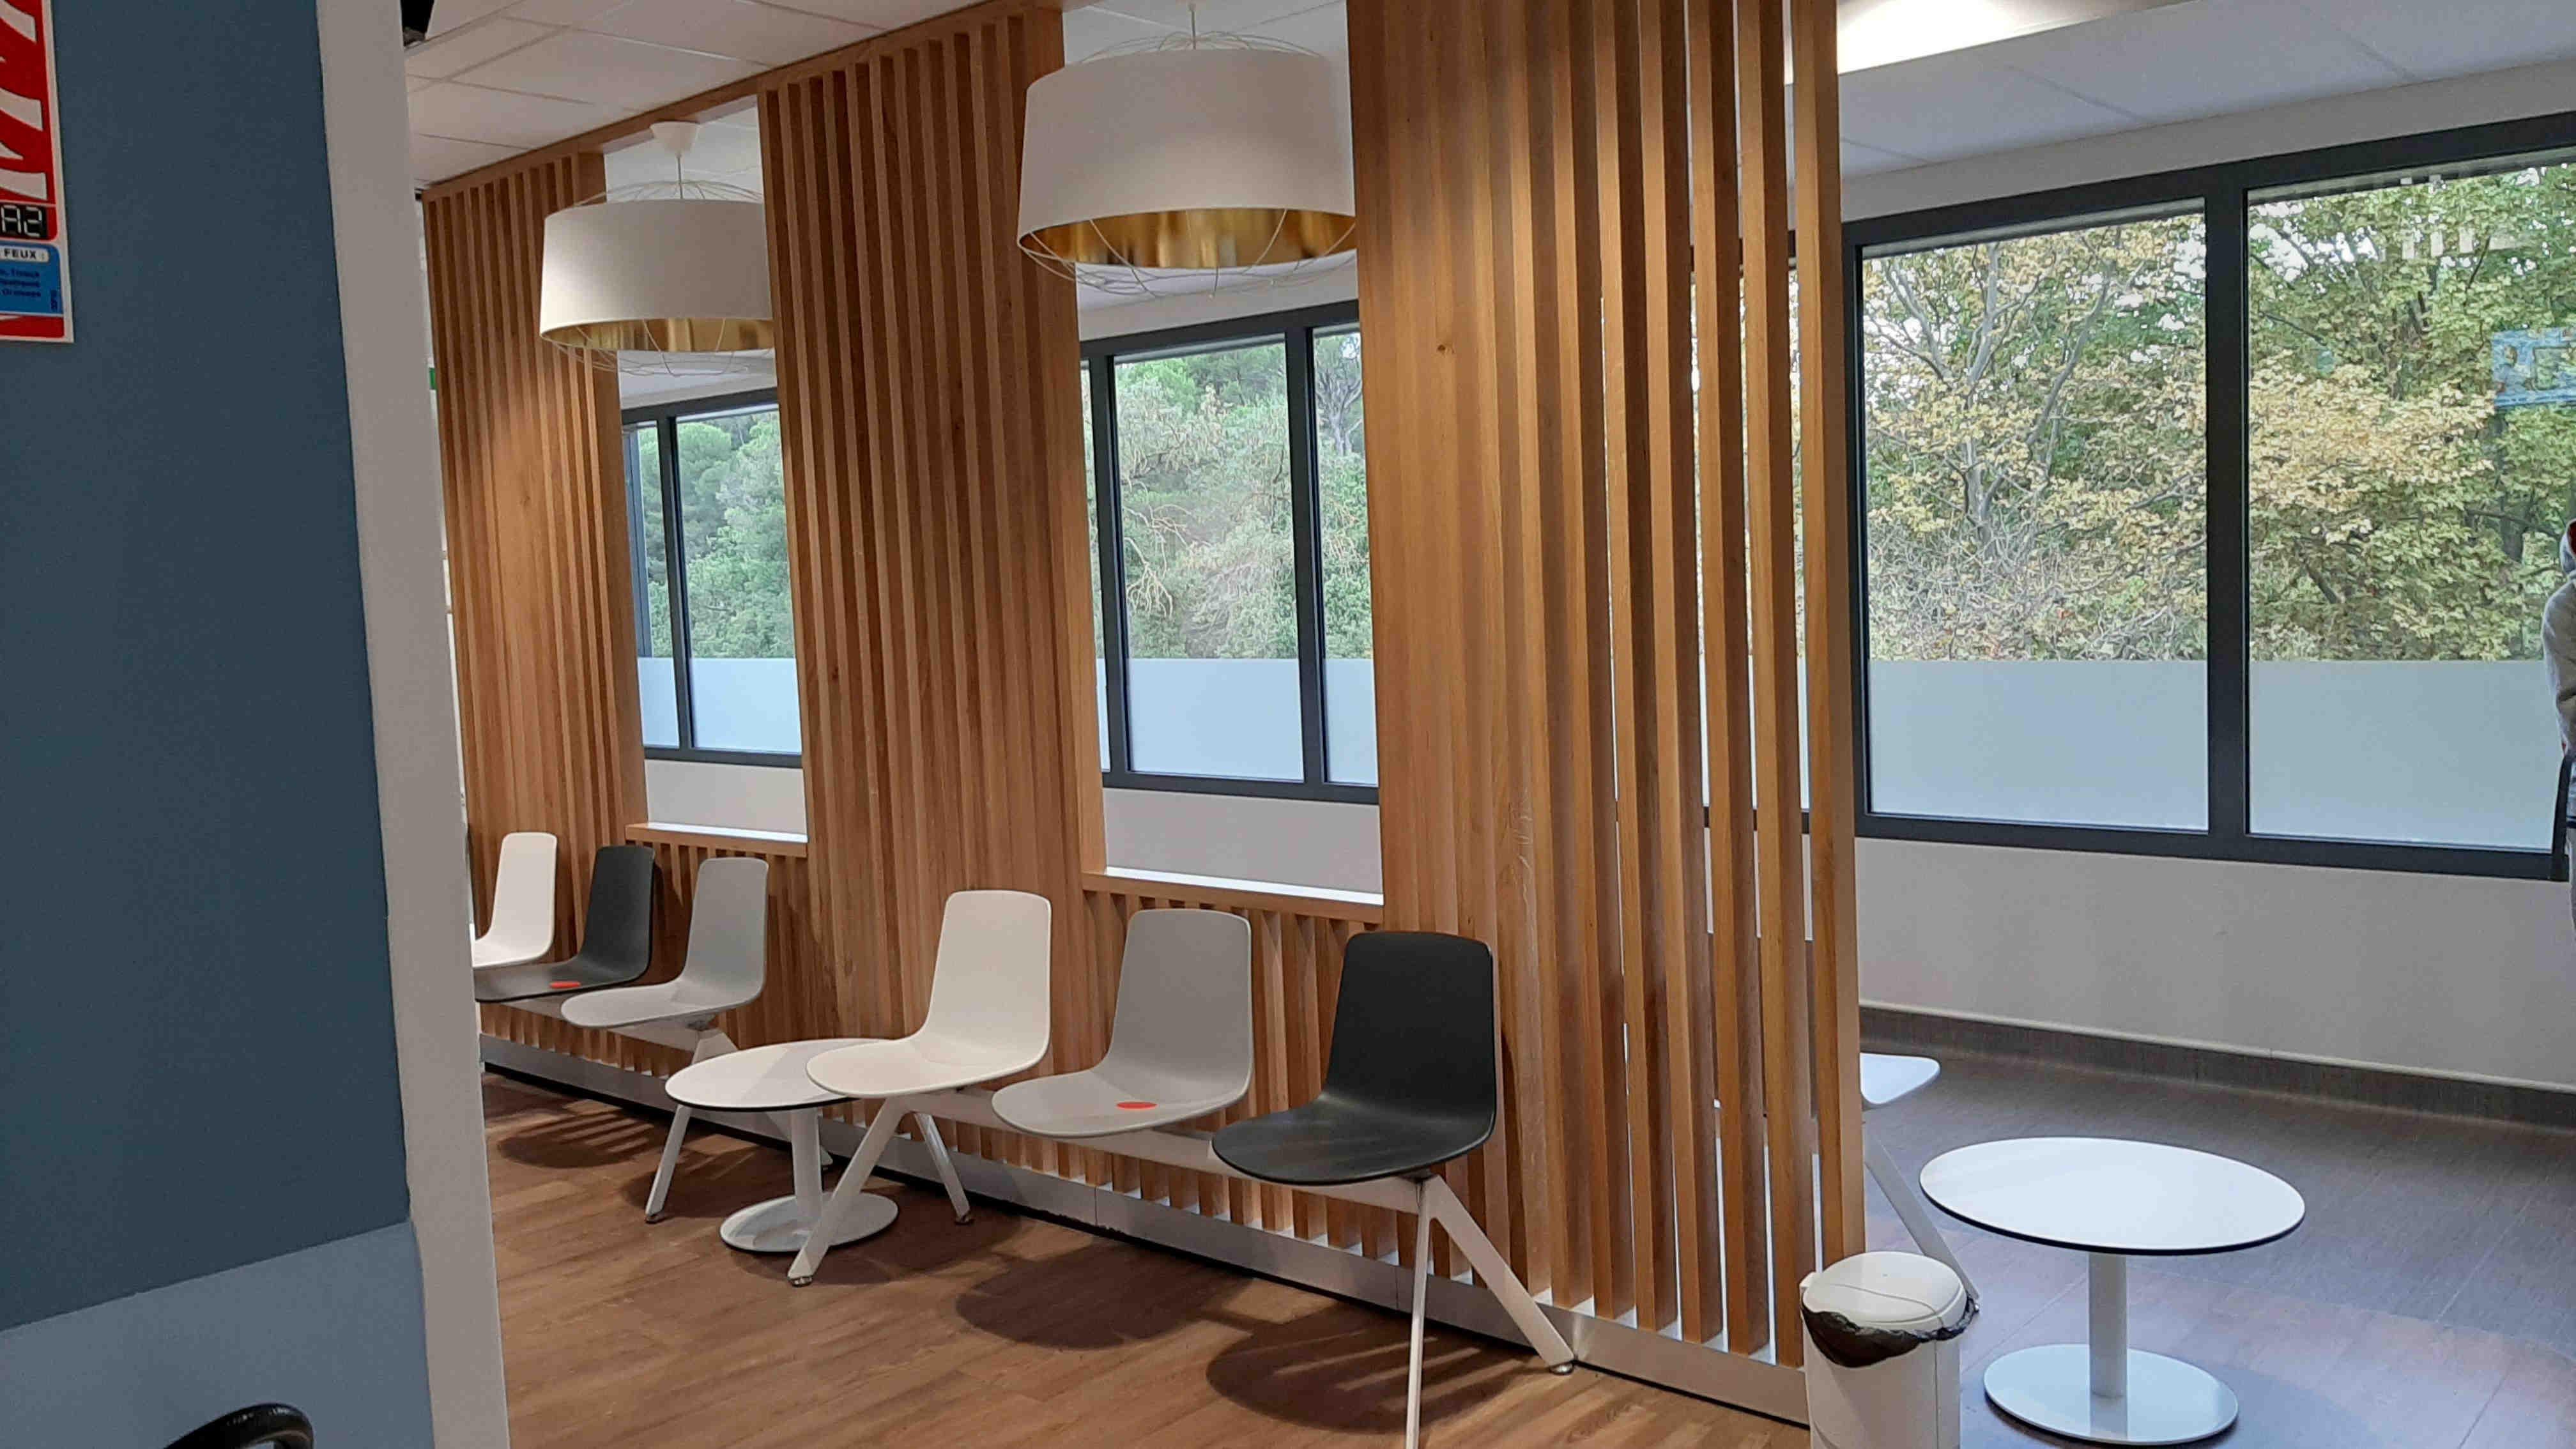 Claustra lames bois pleine hauteur pour salle de réception